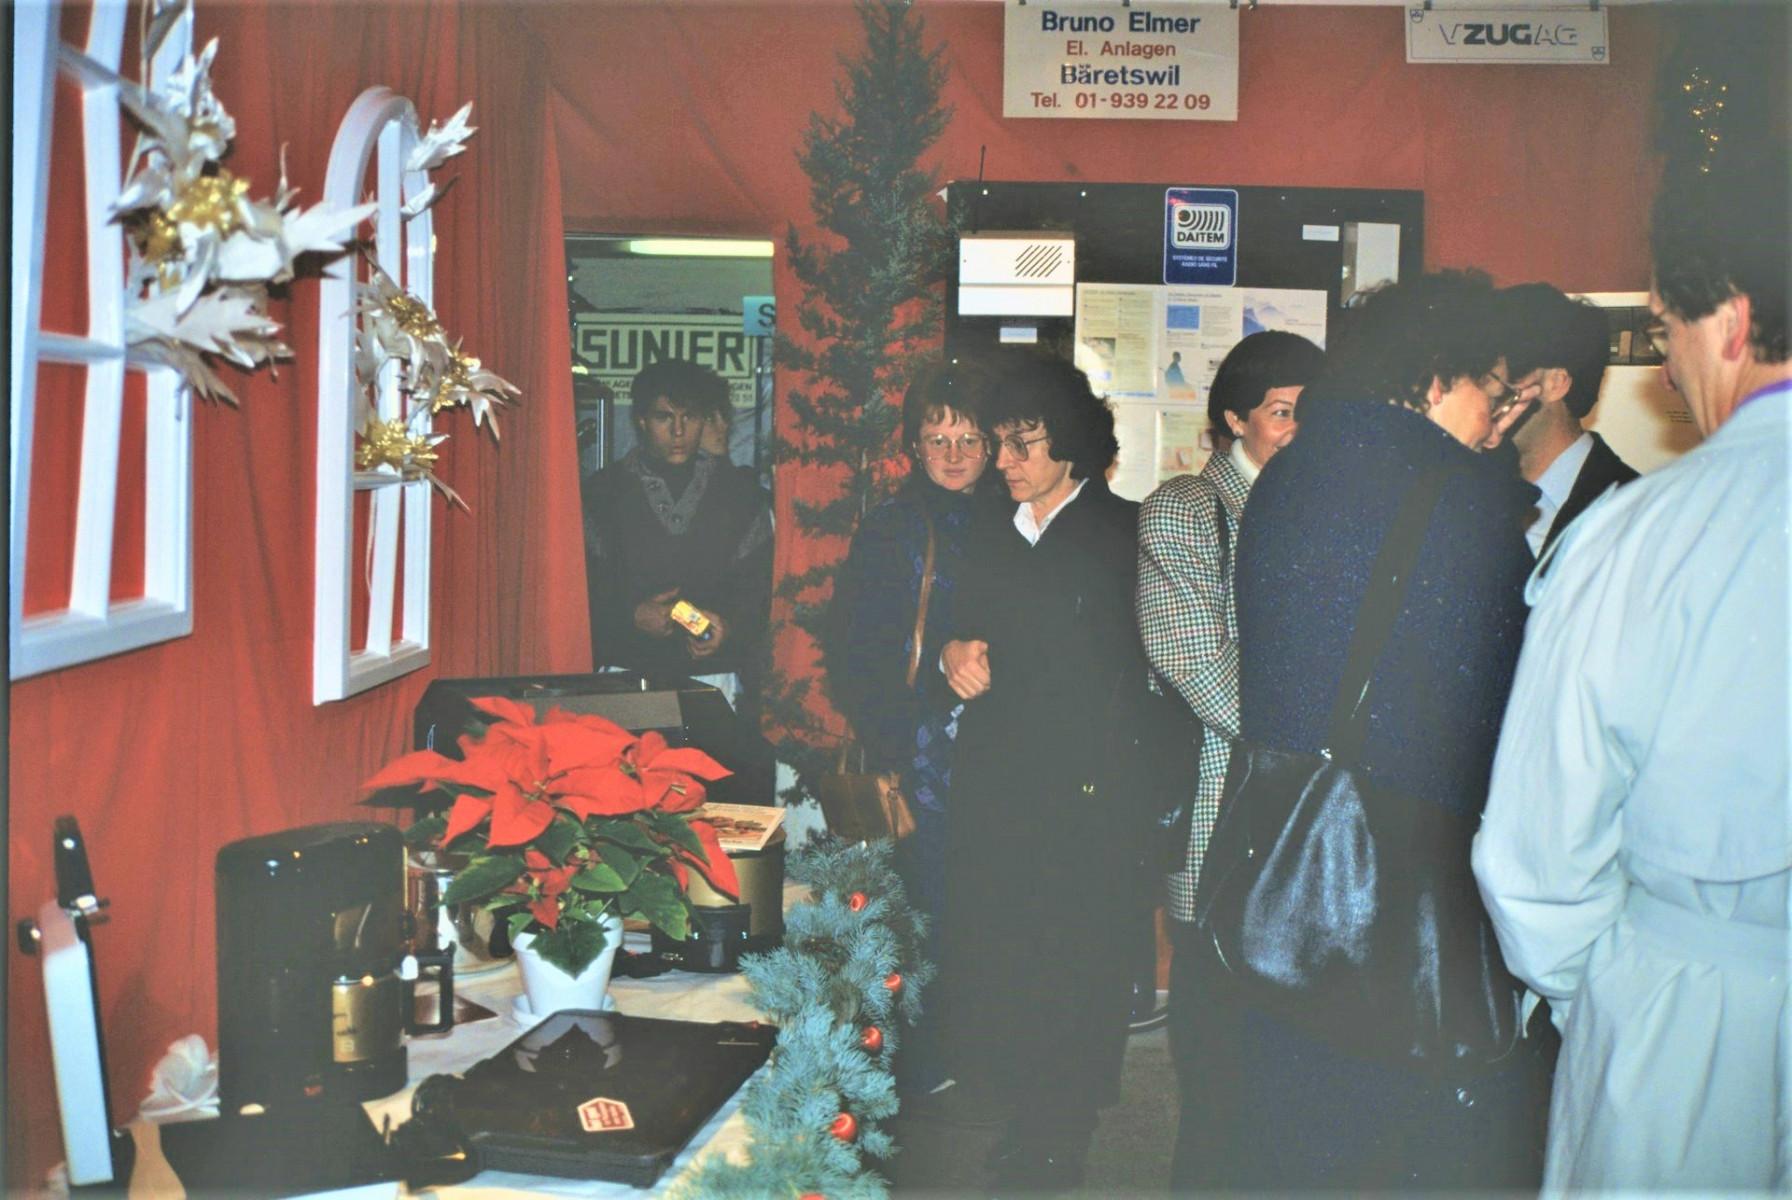 Gewerbeausstellung B.Elmer, Elektro